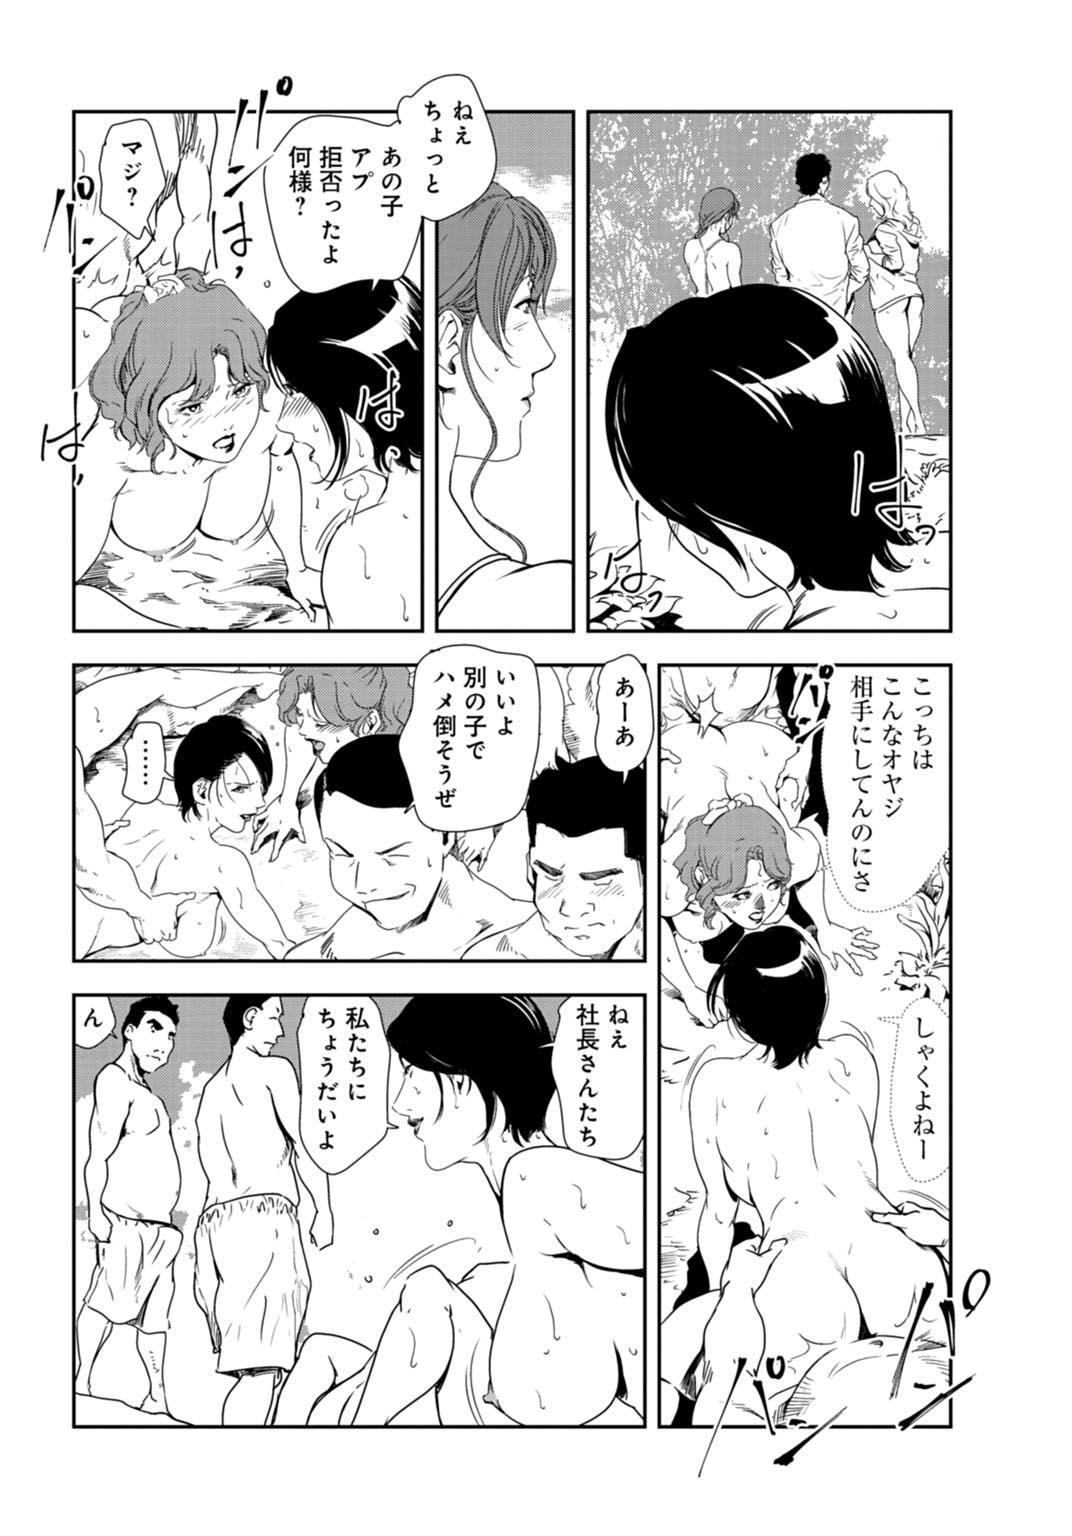 Nikuhisyo Yukiko 27 14